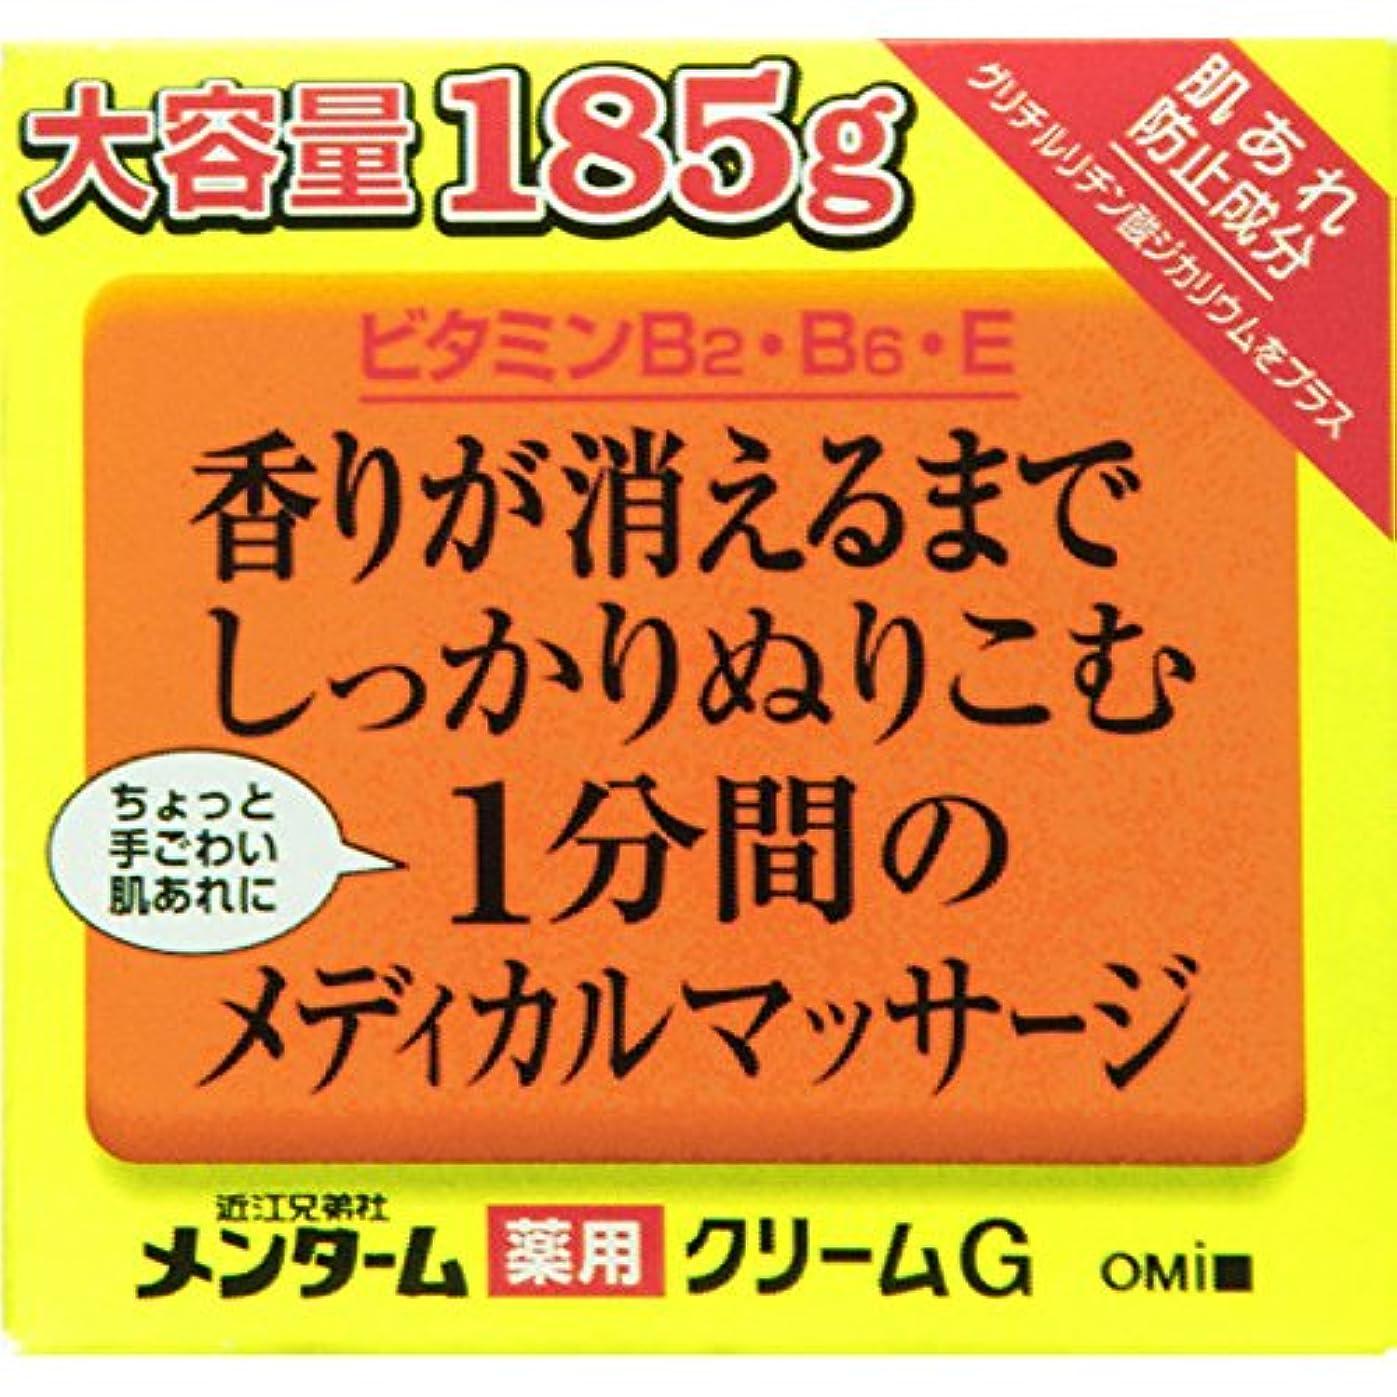 ジュース罪悪感大きなスケールで見るとMKM メンタームメディカルクリーム 185g